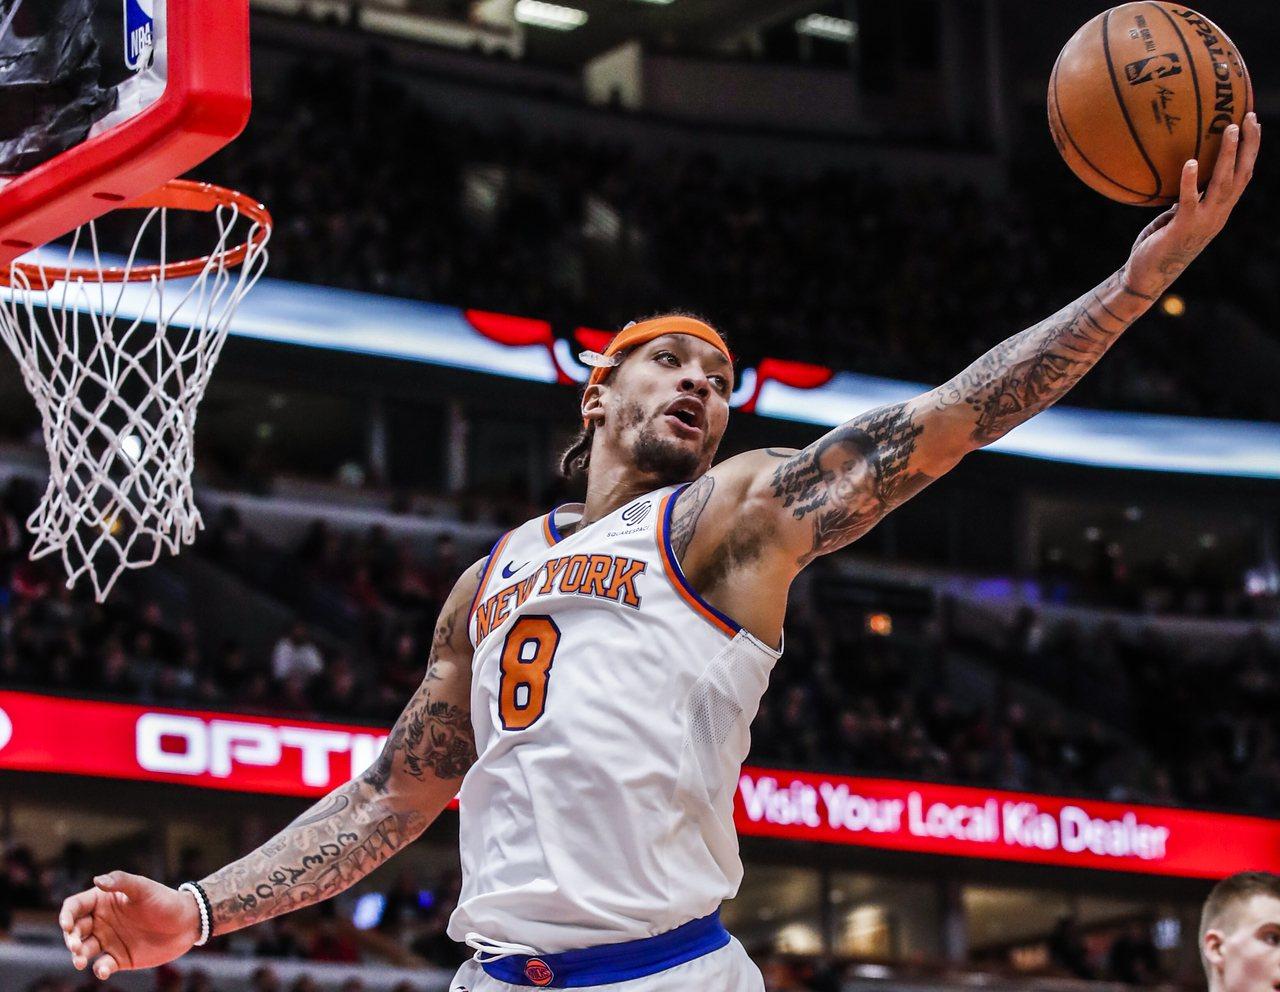 畢斯利打過7支NBA球隊,加入活塞後將追平林書豪成為穿過8隊球衣的籃球浪人,而且...